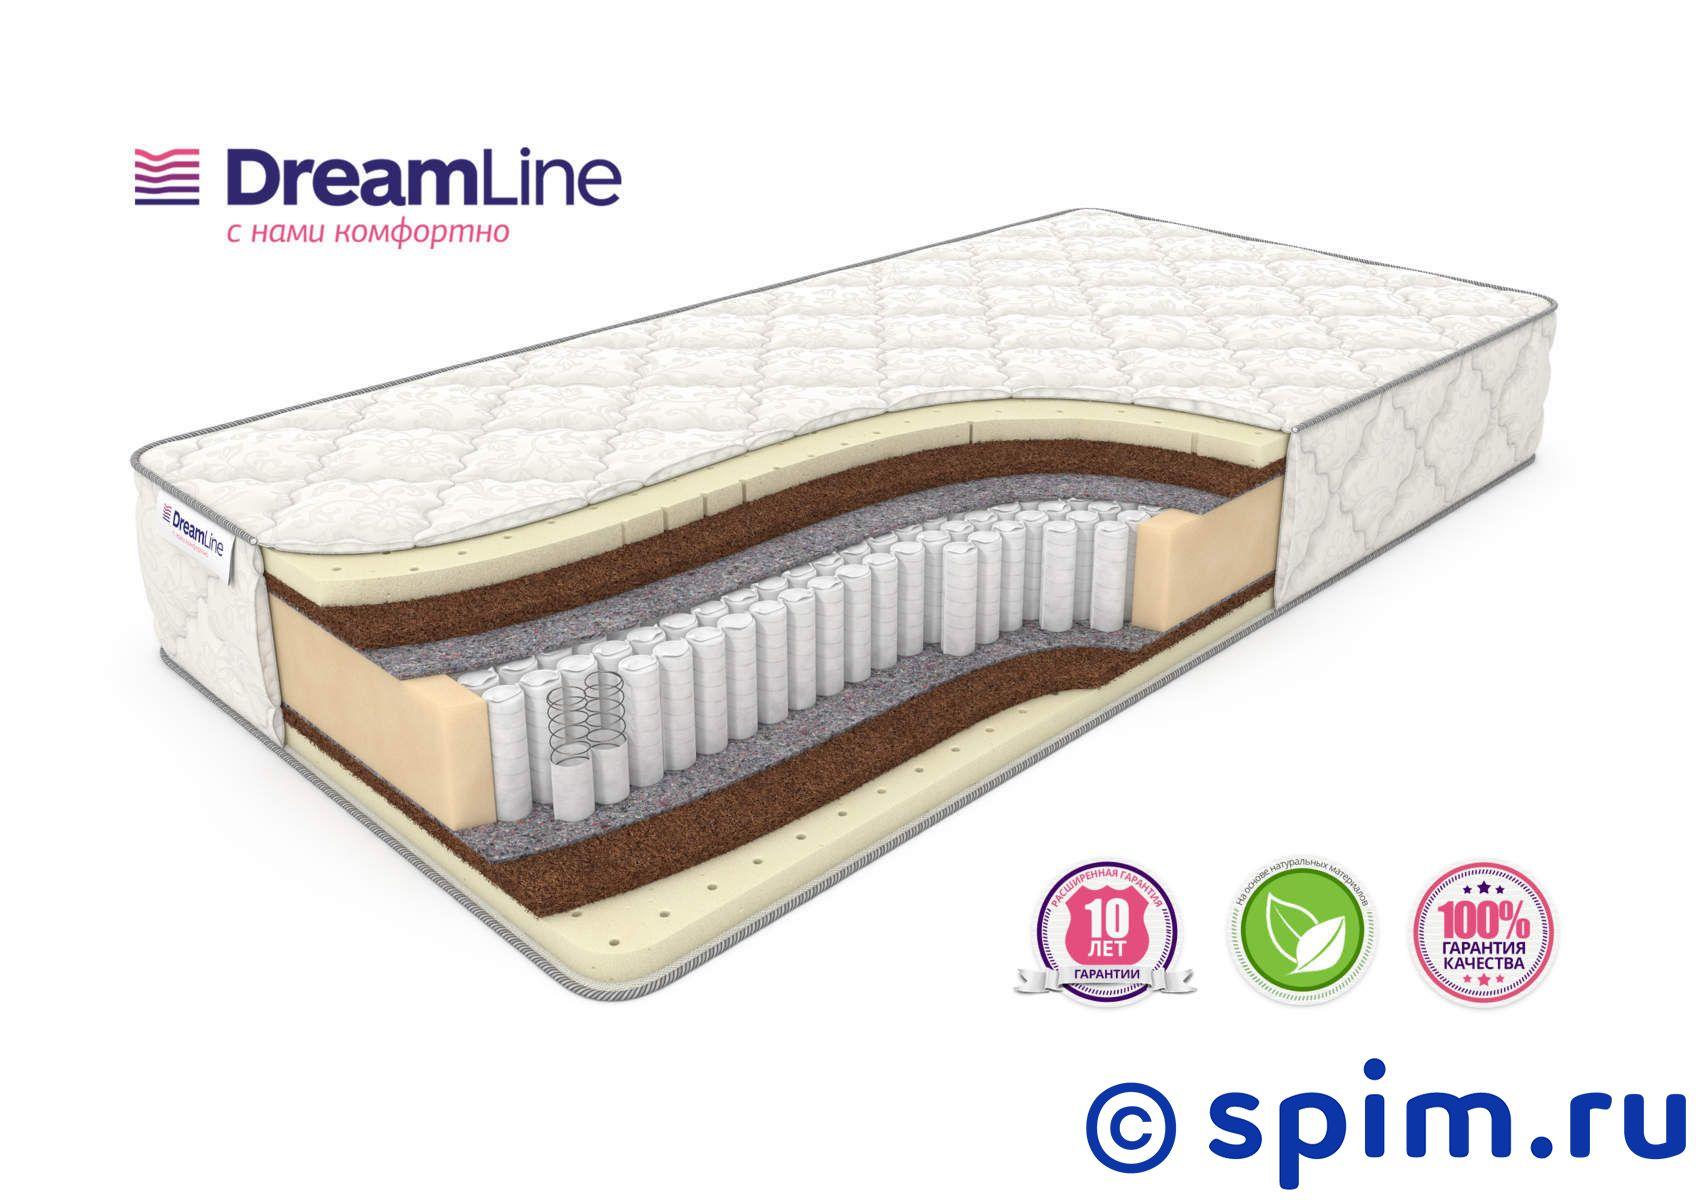 Матрас DreamLine Prime Medium S1000 180х195 смМатрасы DreamLine Prime<br>Матрас средней жесткости на независимых пружинах Multipoket S1000 (500 шт/м2), с прослойками натурального латекса и кокоса. Несъемный чехол из трикотажа. Высота: 25 см. Нагрузка: до 140 кг. Размер ДримЛайн Приме Медиум С1000 двуспальный: 180 x 195 см<br><br>Ширина см: 180<br>Длина см: 195<br>Линейка: Prime